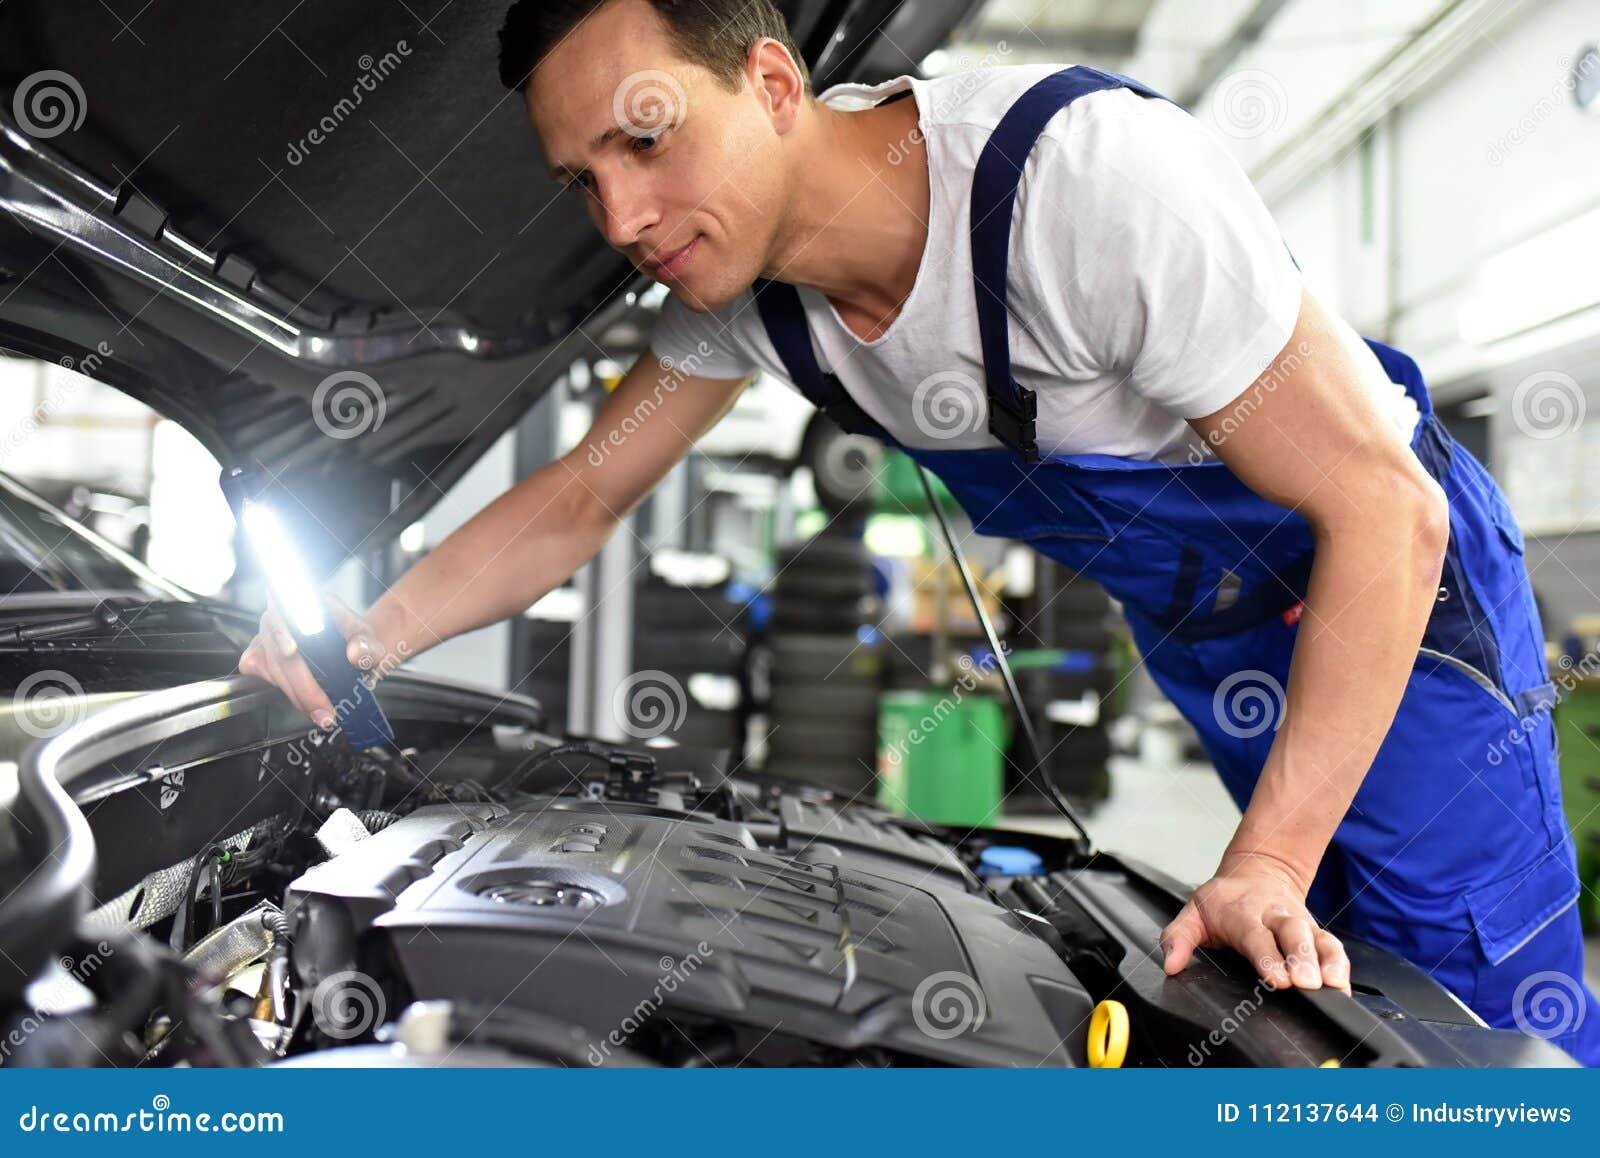 Samochodowy mechanik w warsztacie - silnik diagnoza na ve i naprawa